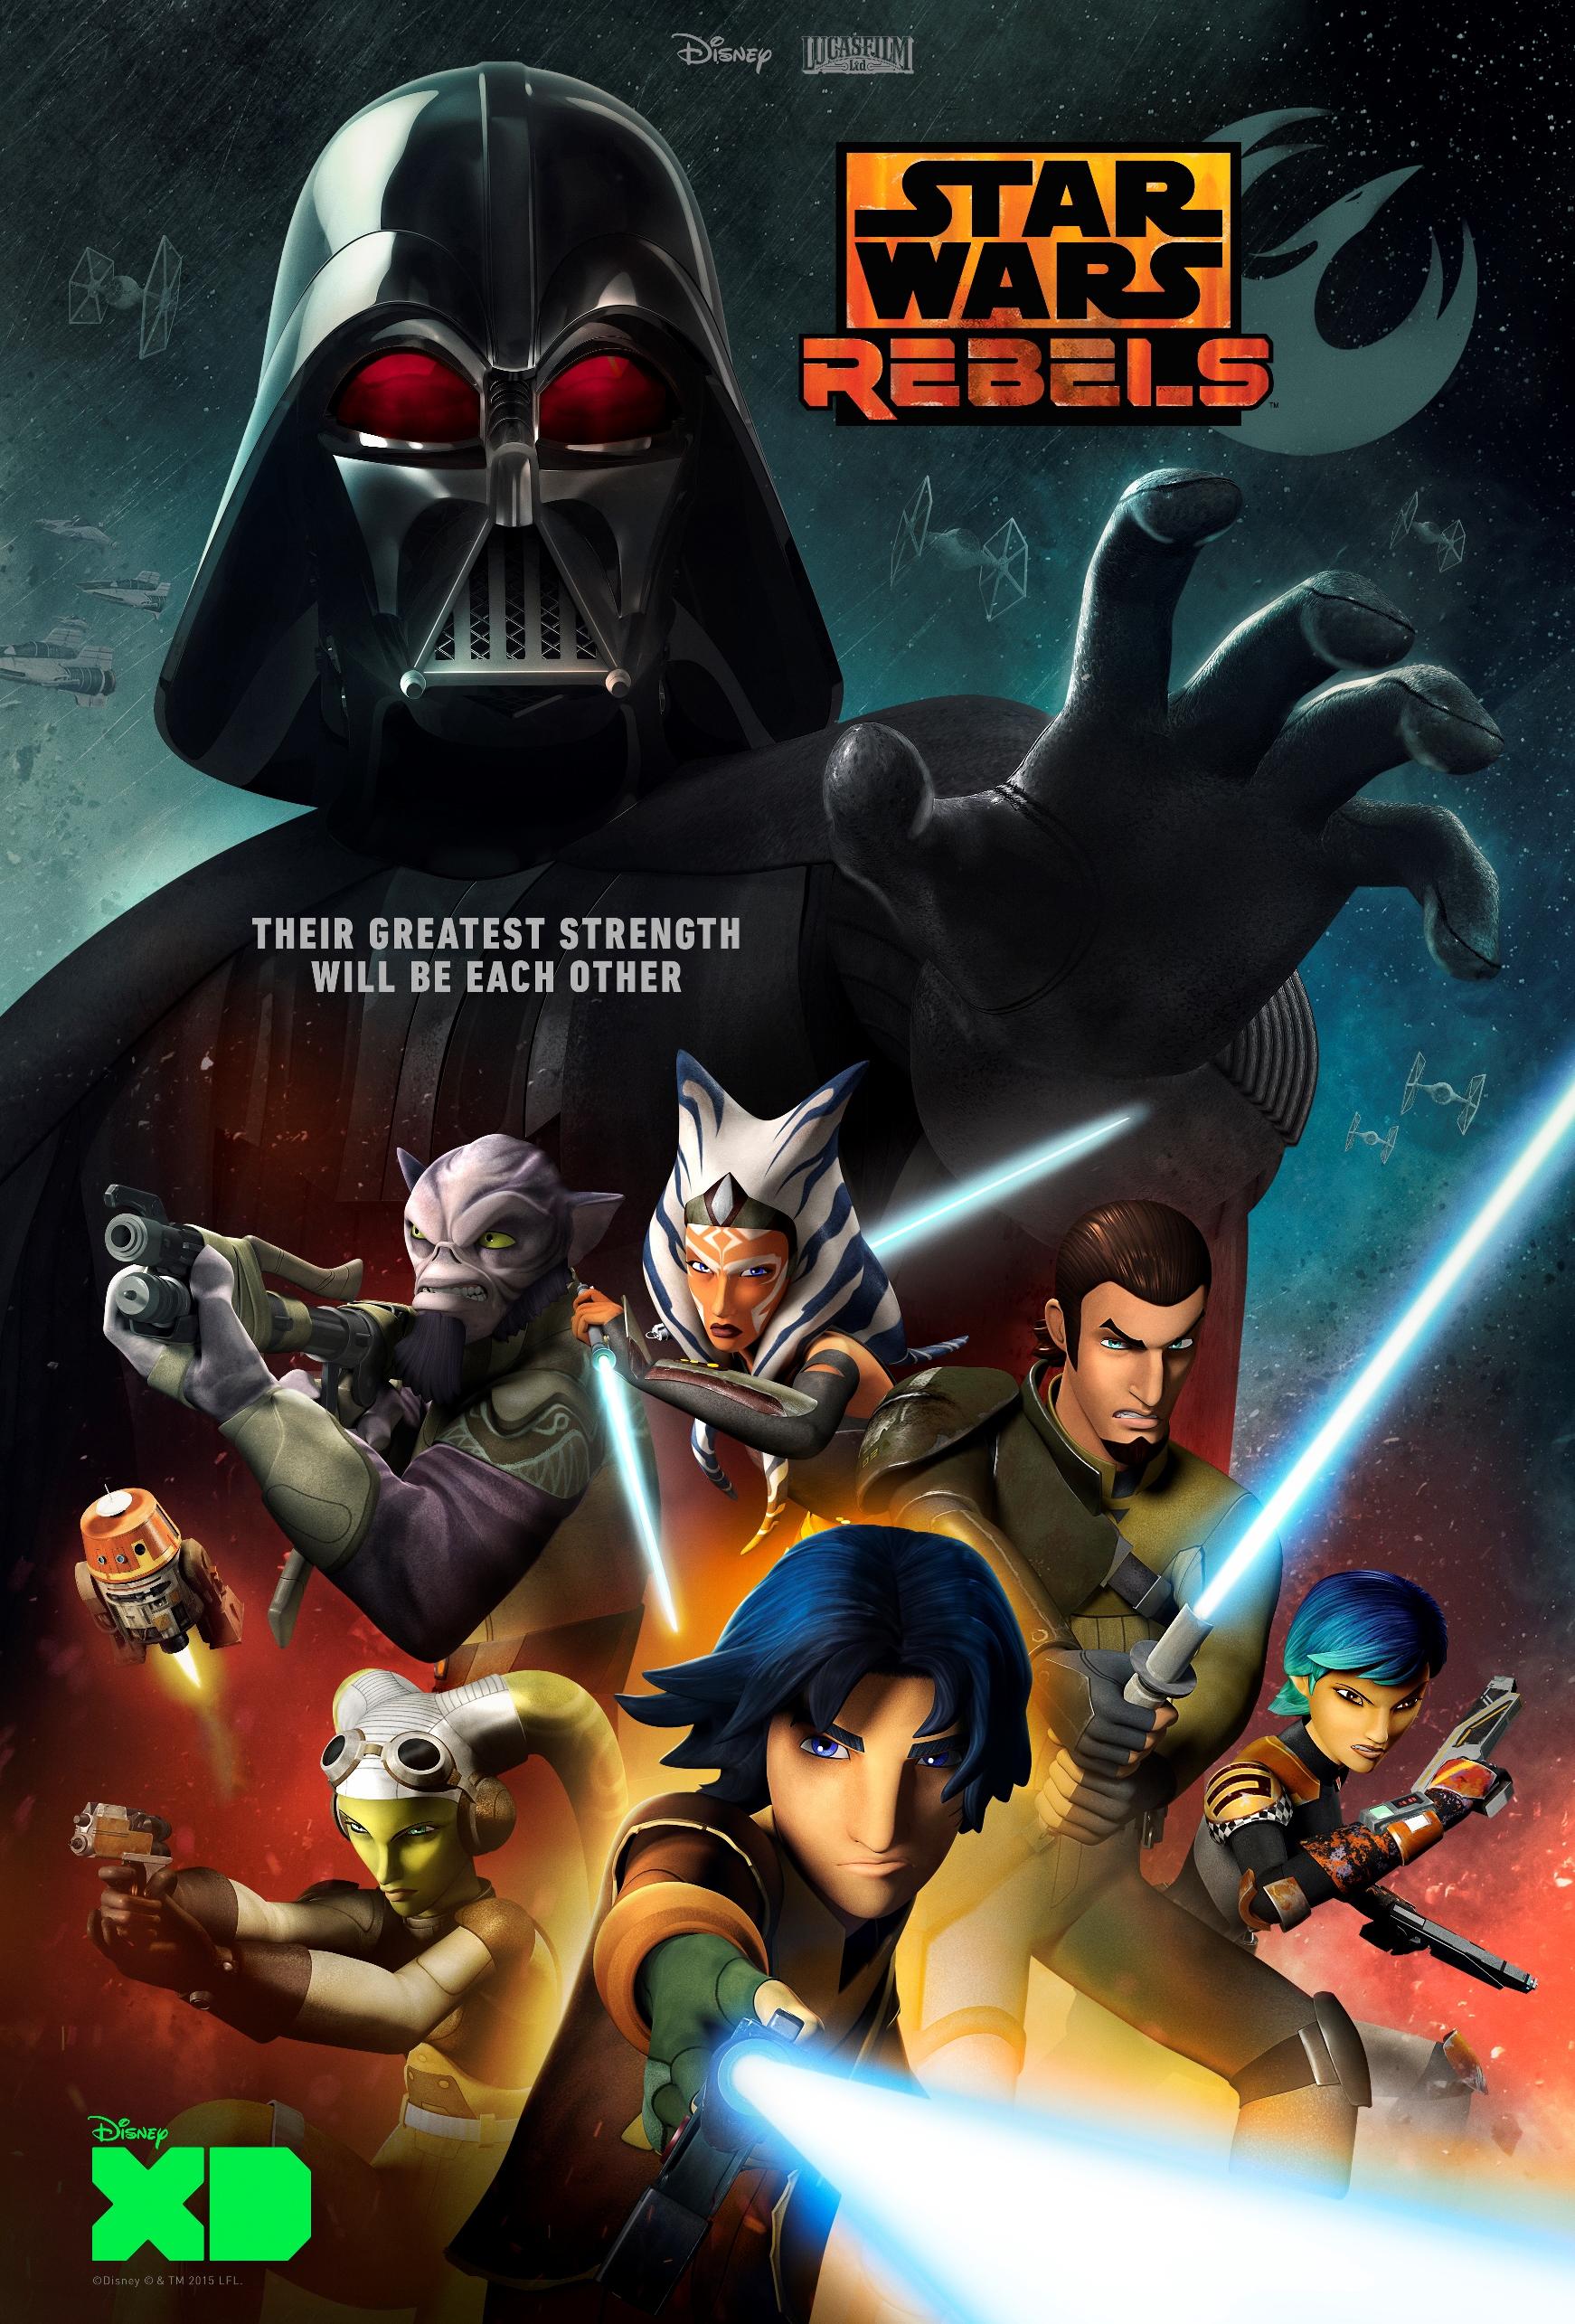 Star Wars Rebels Season Two | Wookieepedia | FANDOM powered by Wikia